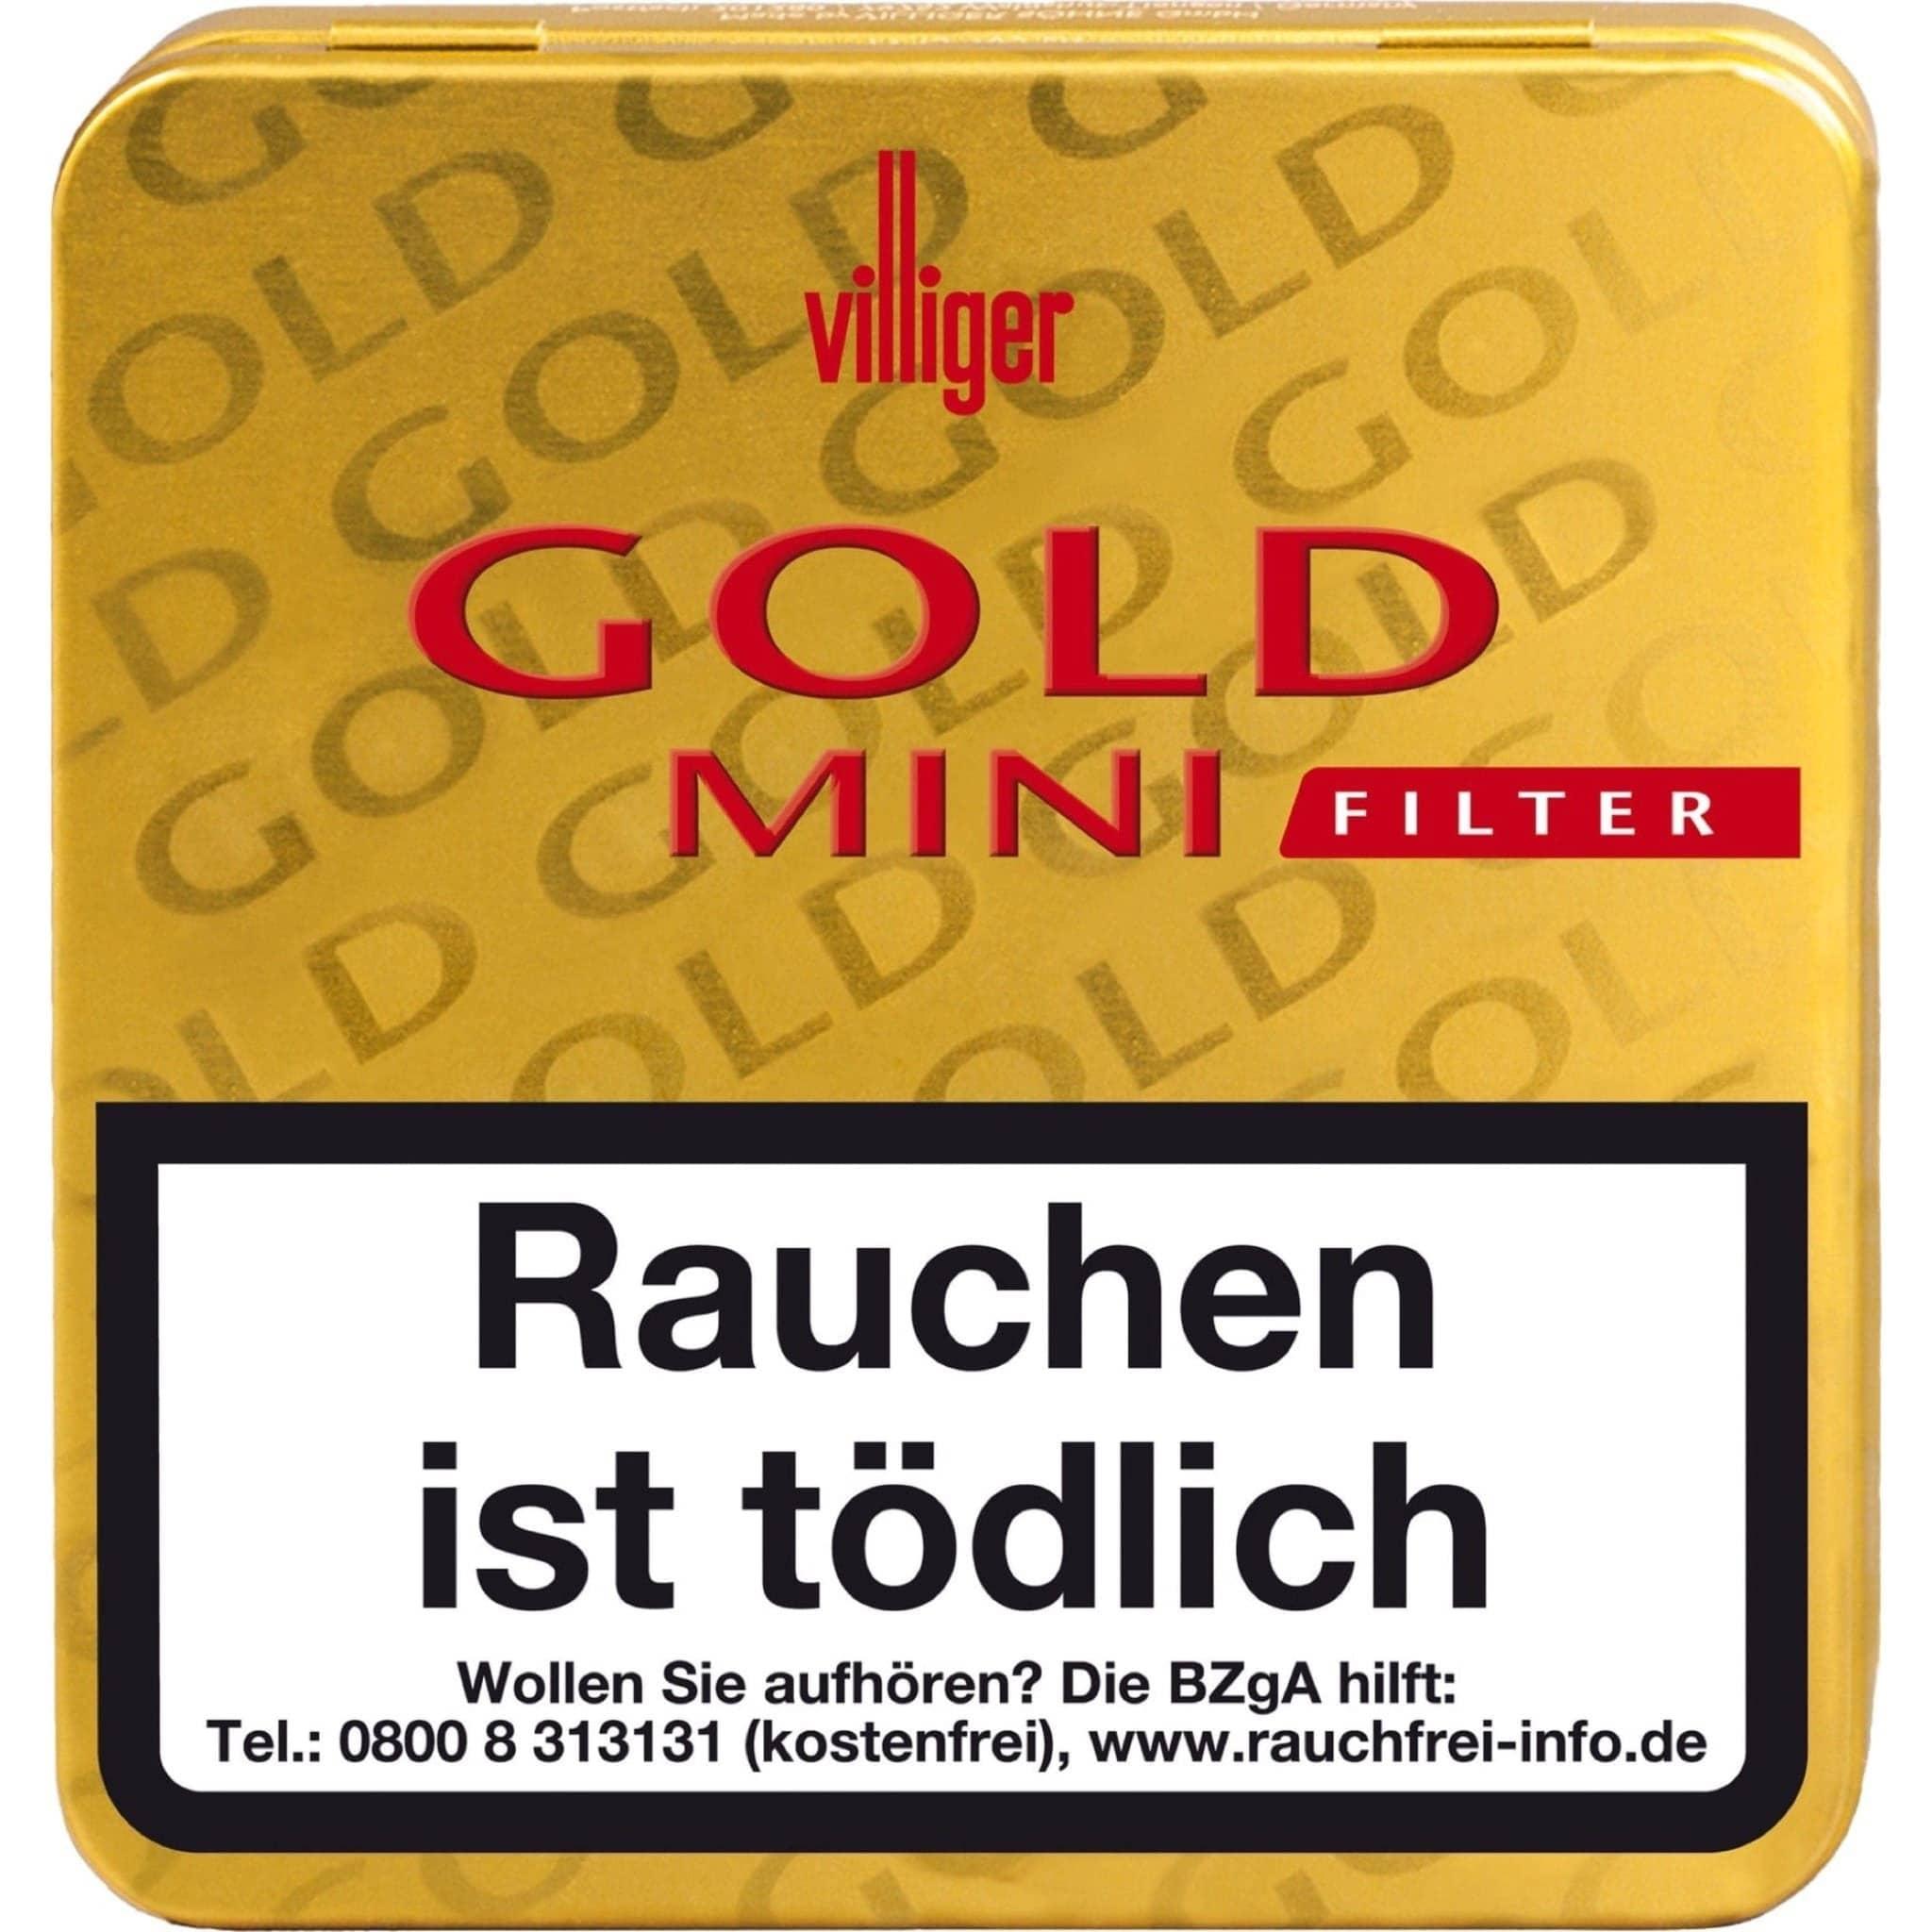 Villiger Gold Mini Filter 20er Packung